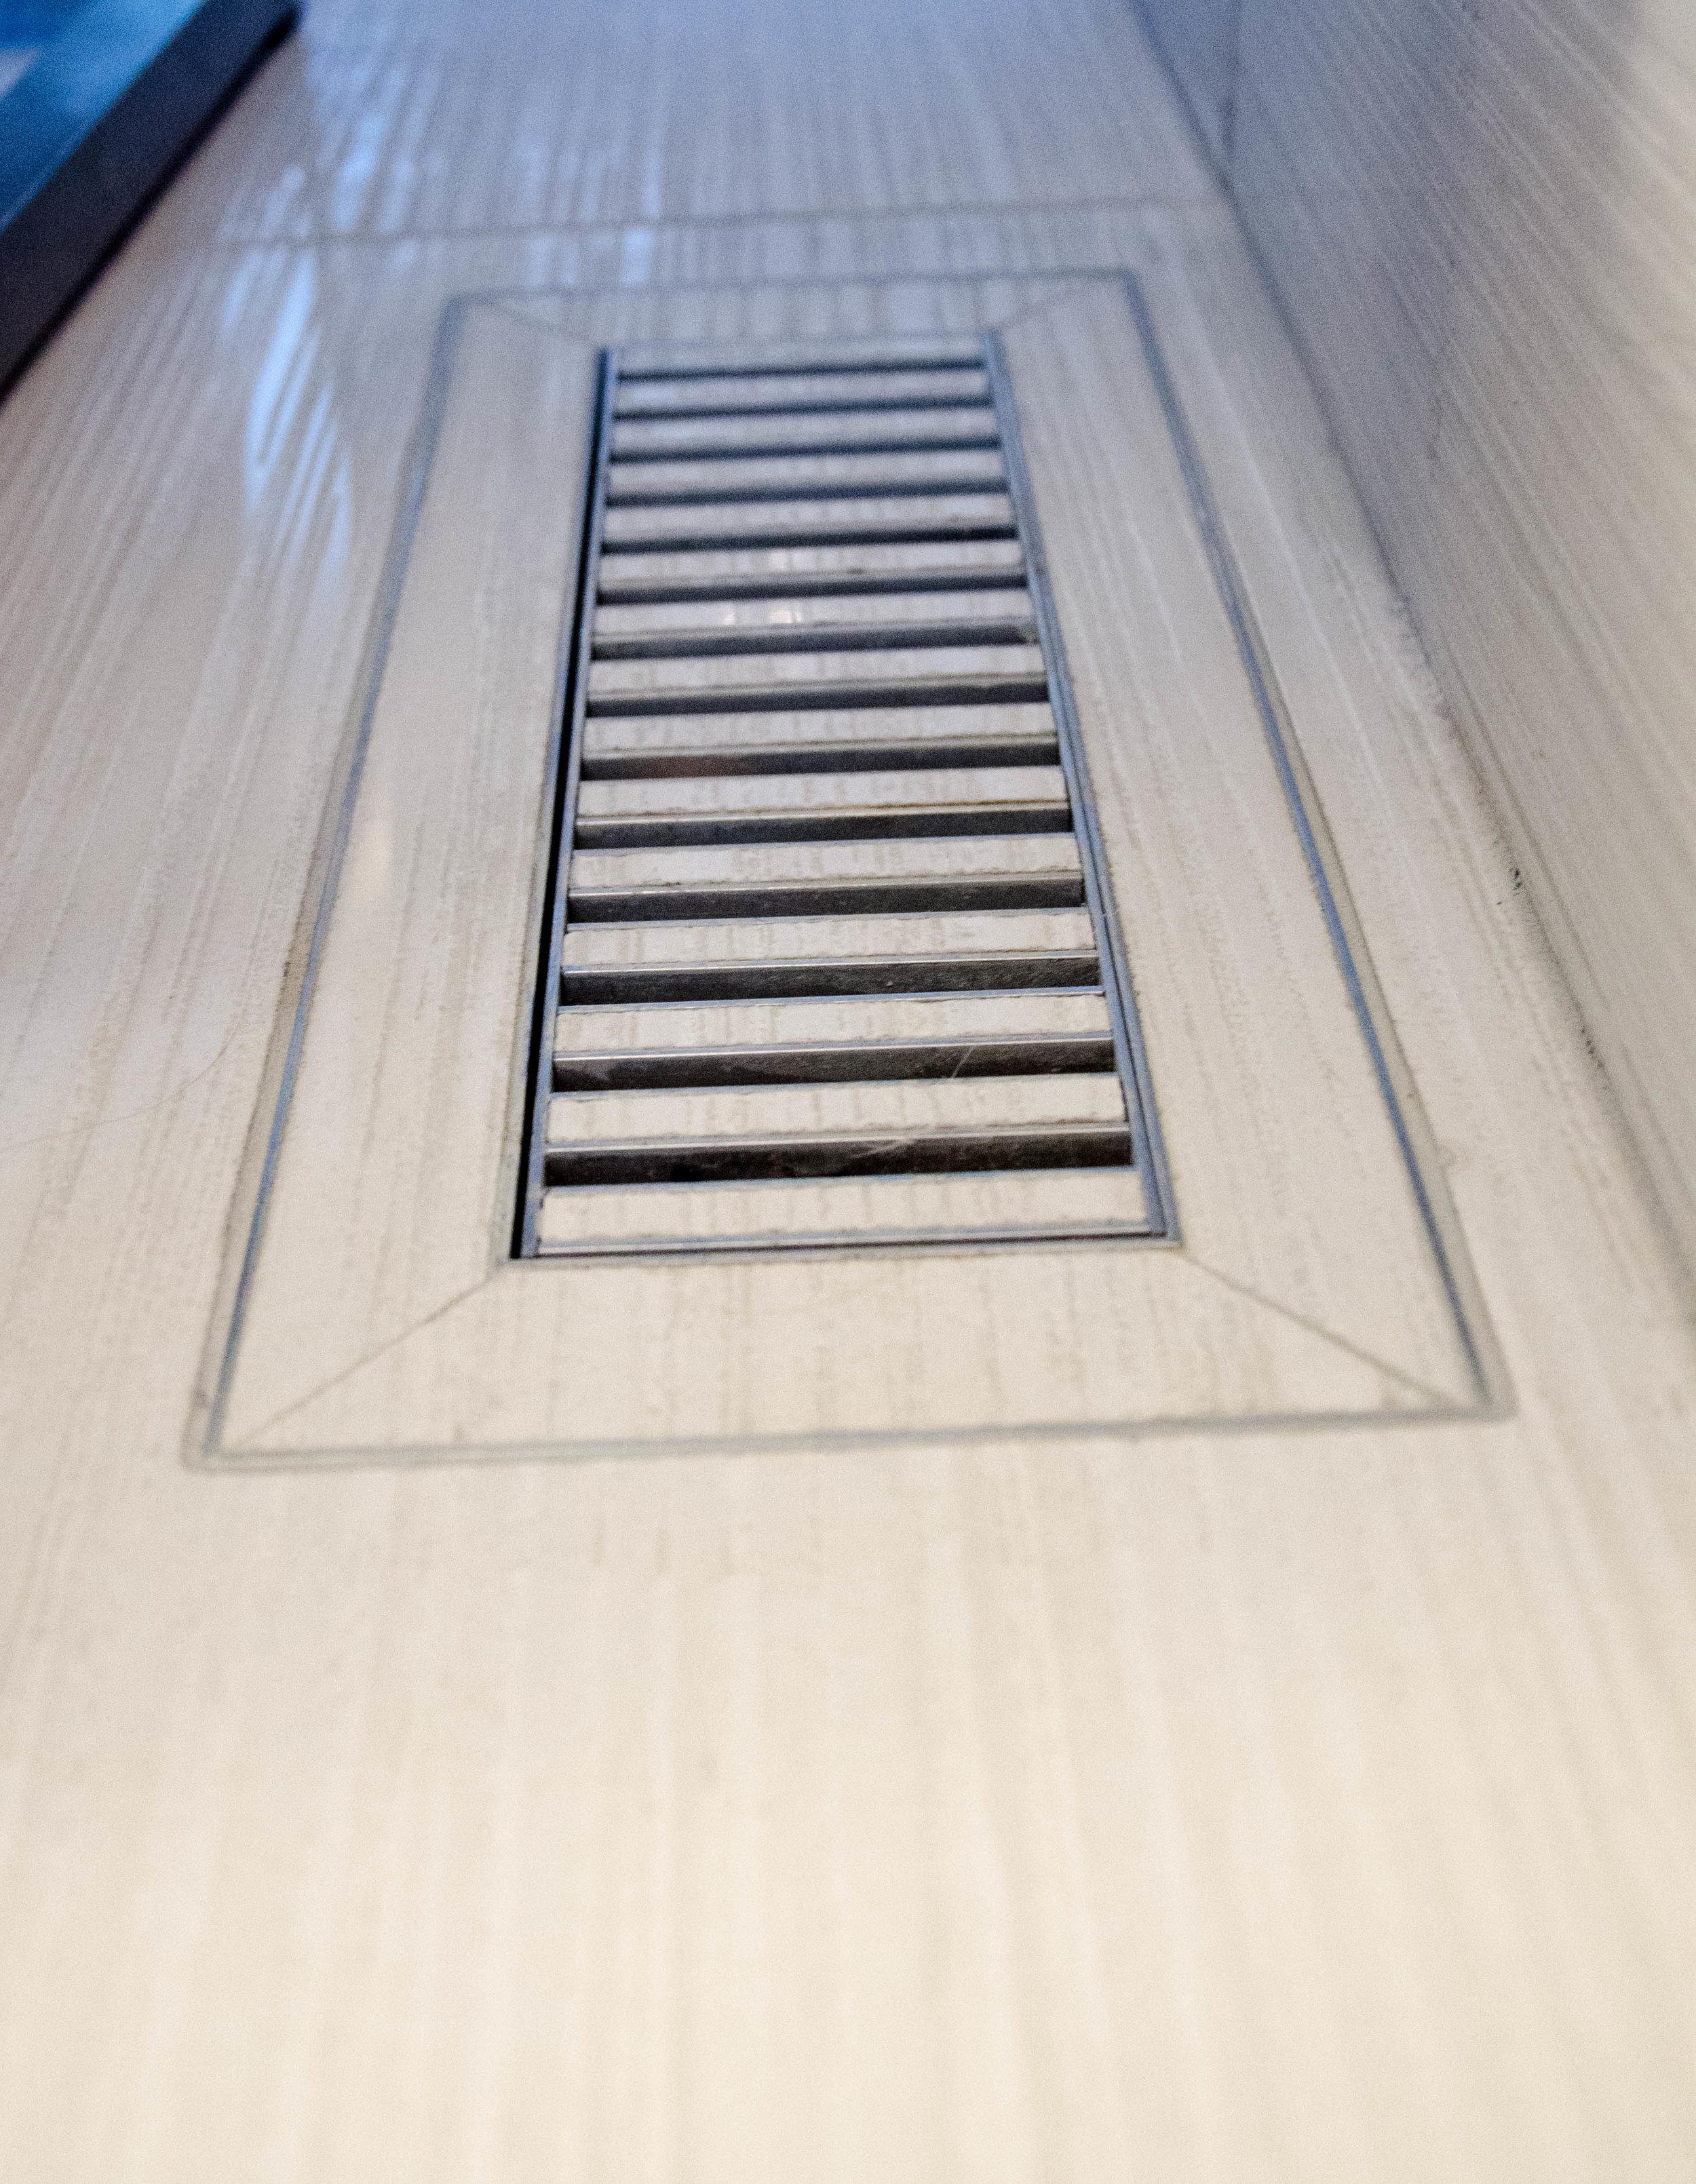 chameleon register flush mount register tile register